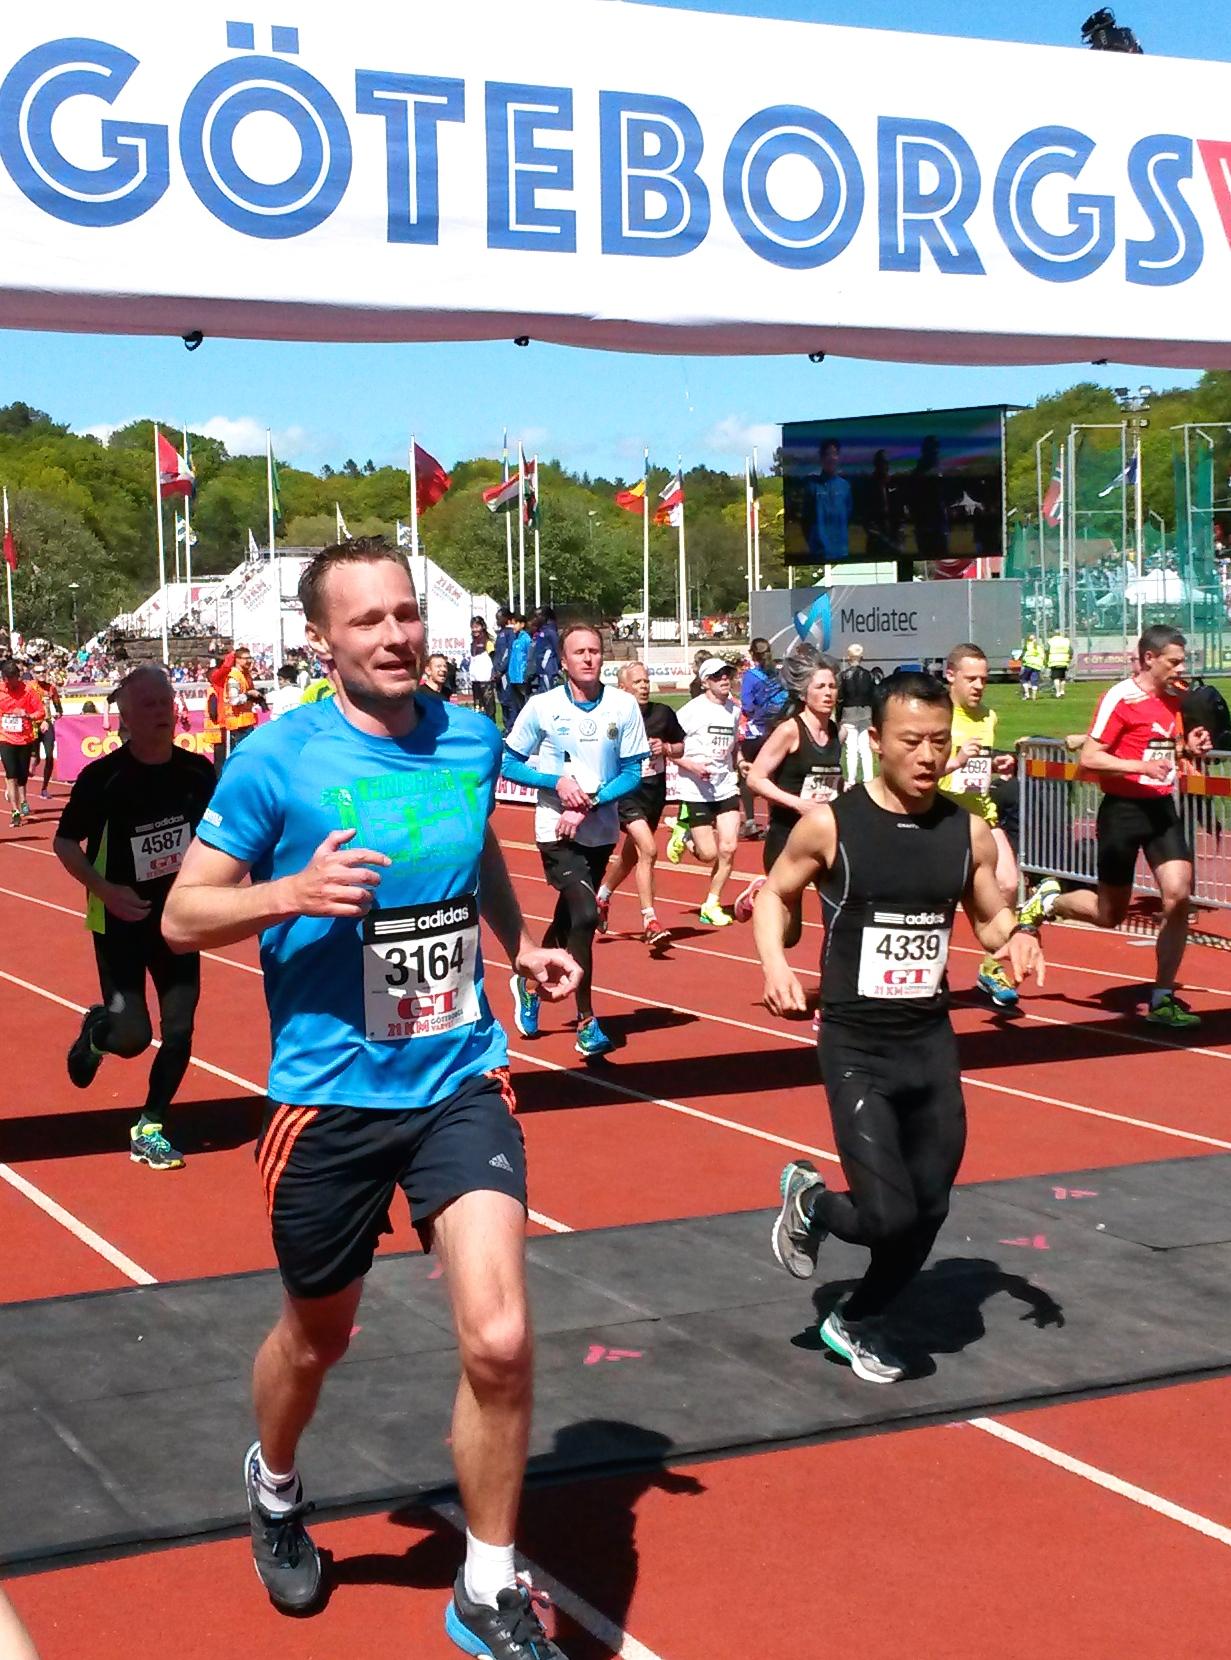 fd0ca45f Odd-Bjørn Hjelmeset og Synøve Brox imponerte stort i GøteborgsVarvet ...